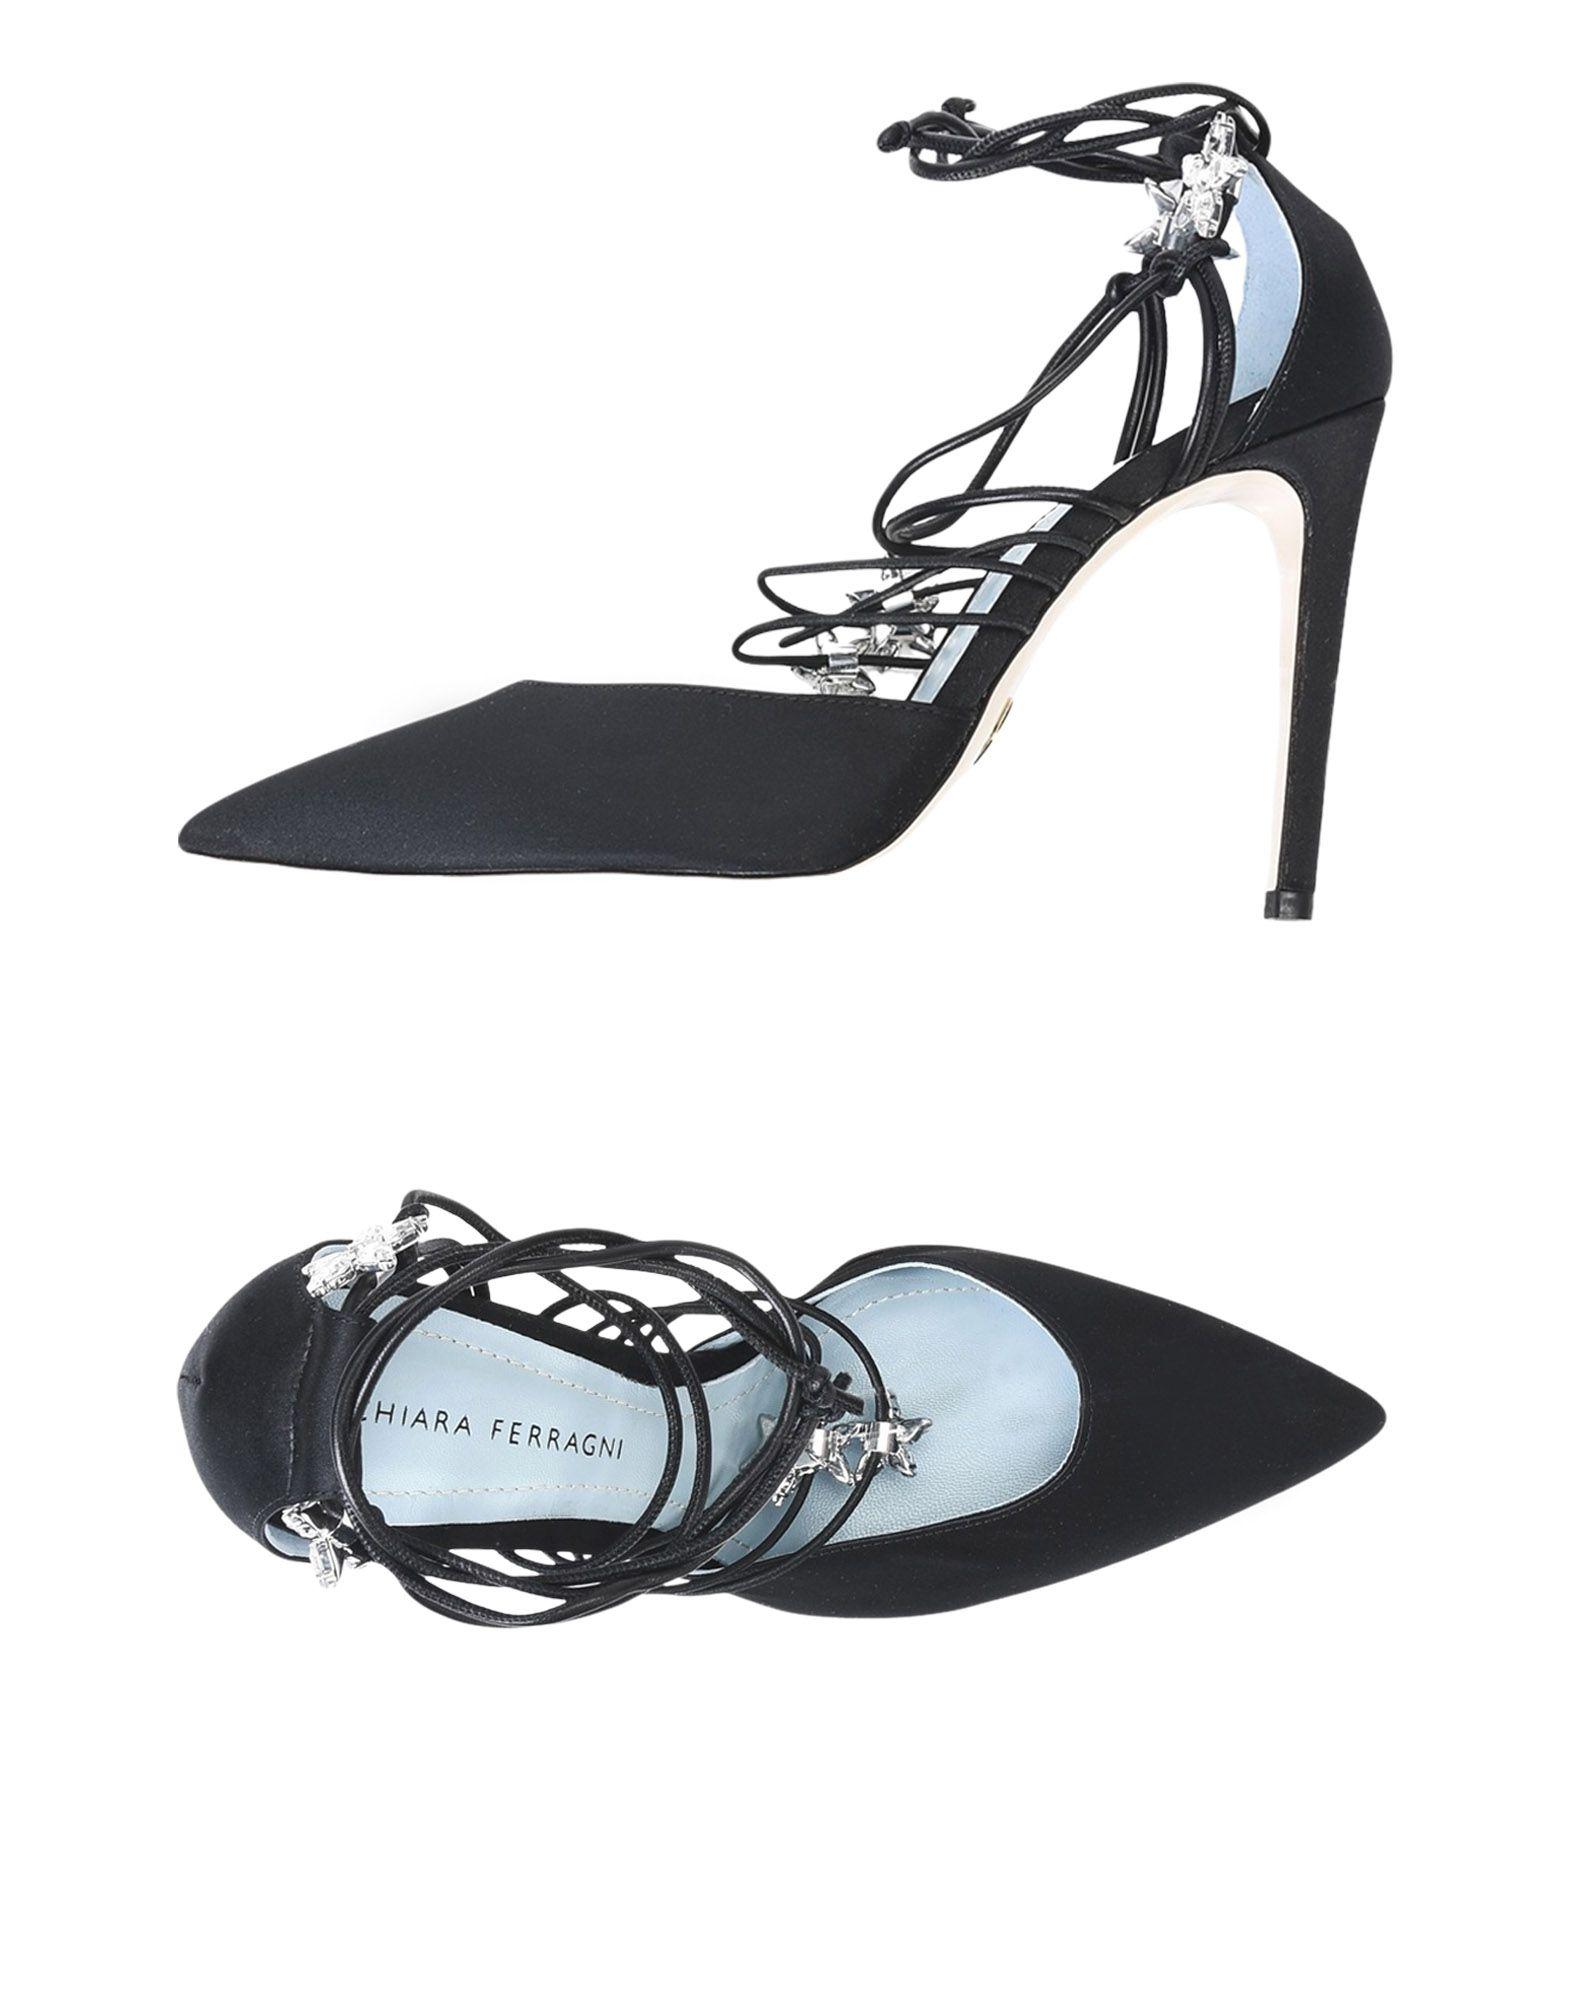 Rabatt Damen Schuhe Chiara Ferragni Pumps Damen Rabatt  11493203DI 35b796